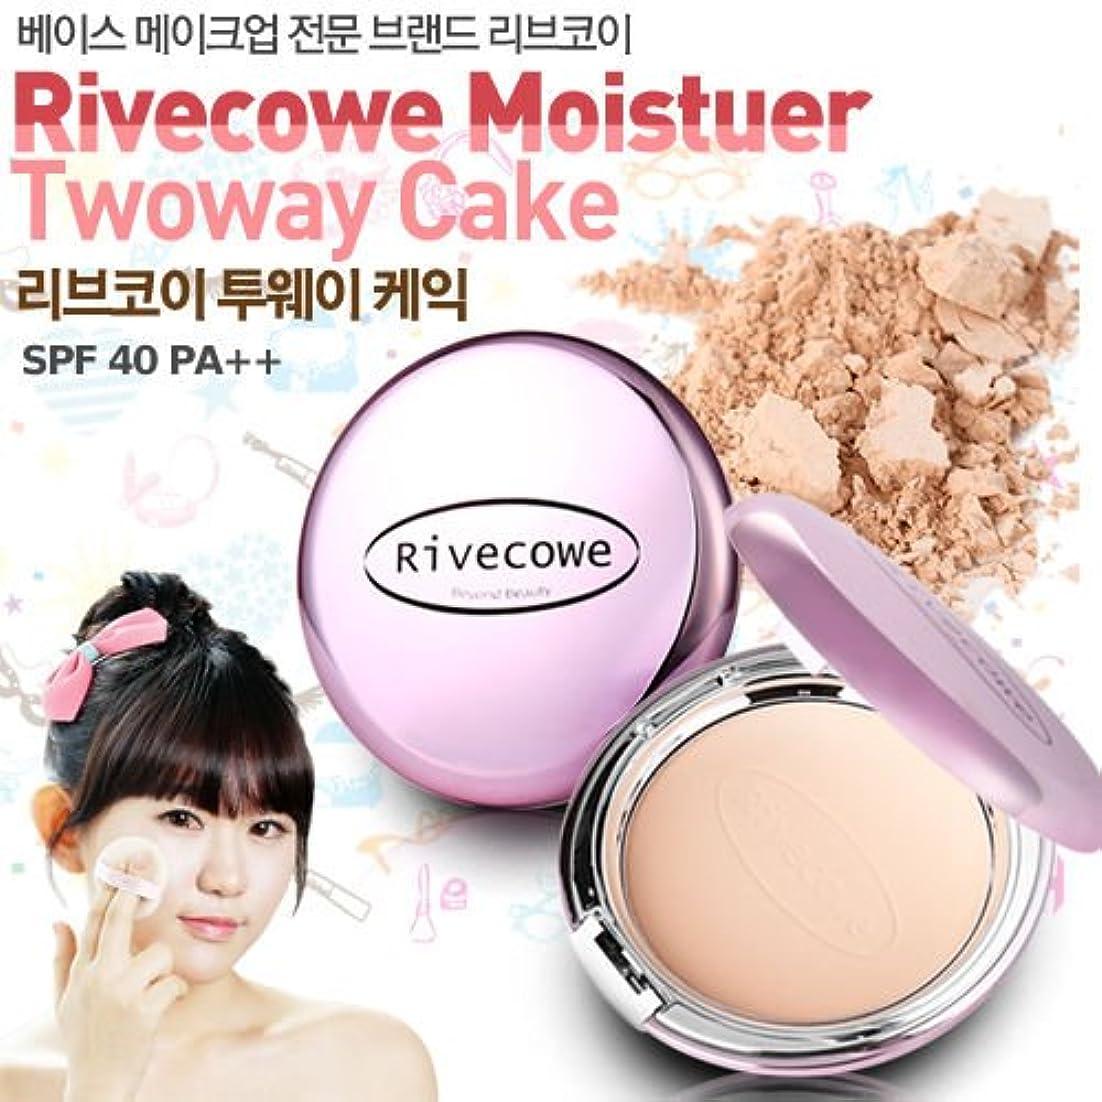 巧みなスタンド提案Rivecowe Moisture Twoway Cake (Foundation + Powder) SPF40PA++ 12g (No. 21 Natural Beige) [並行輸入品]